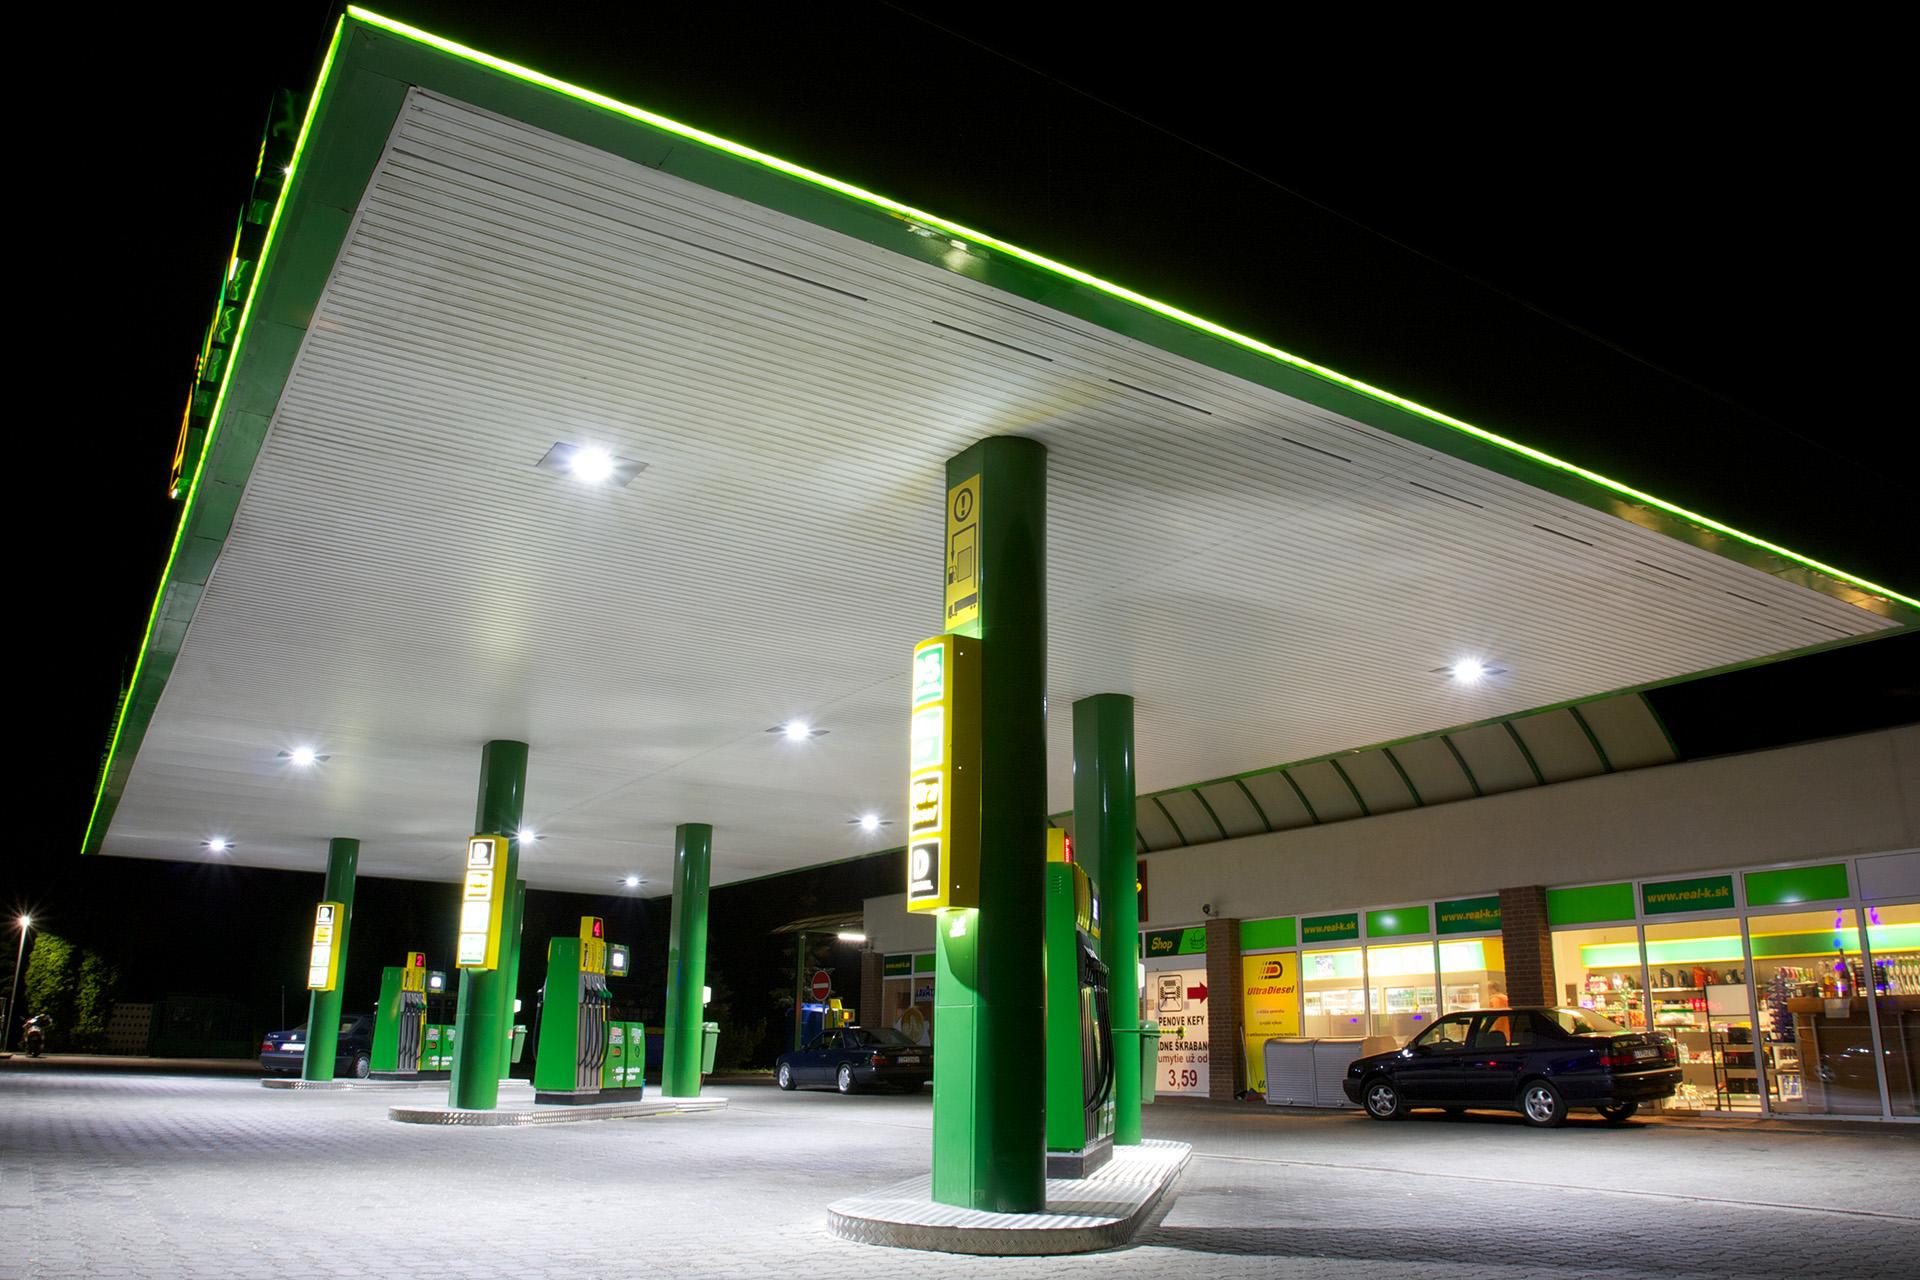 زمین پمپ بنزین در گیلان